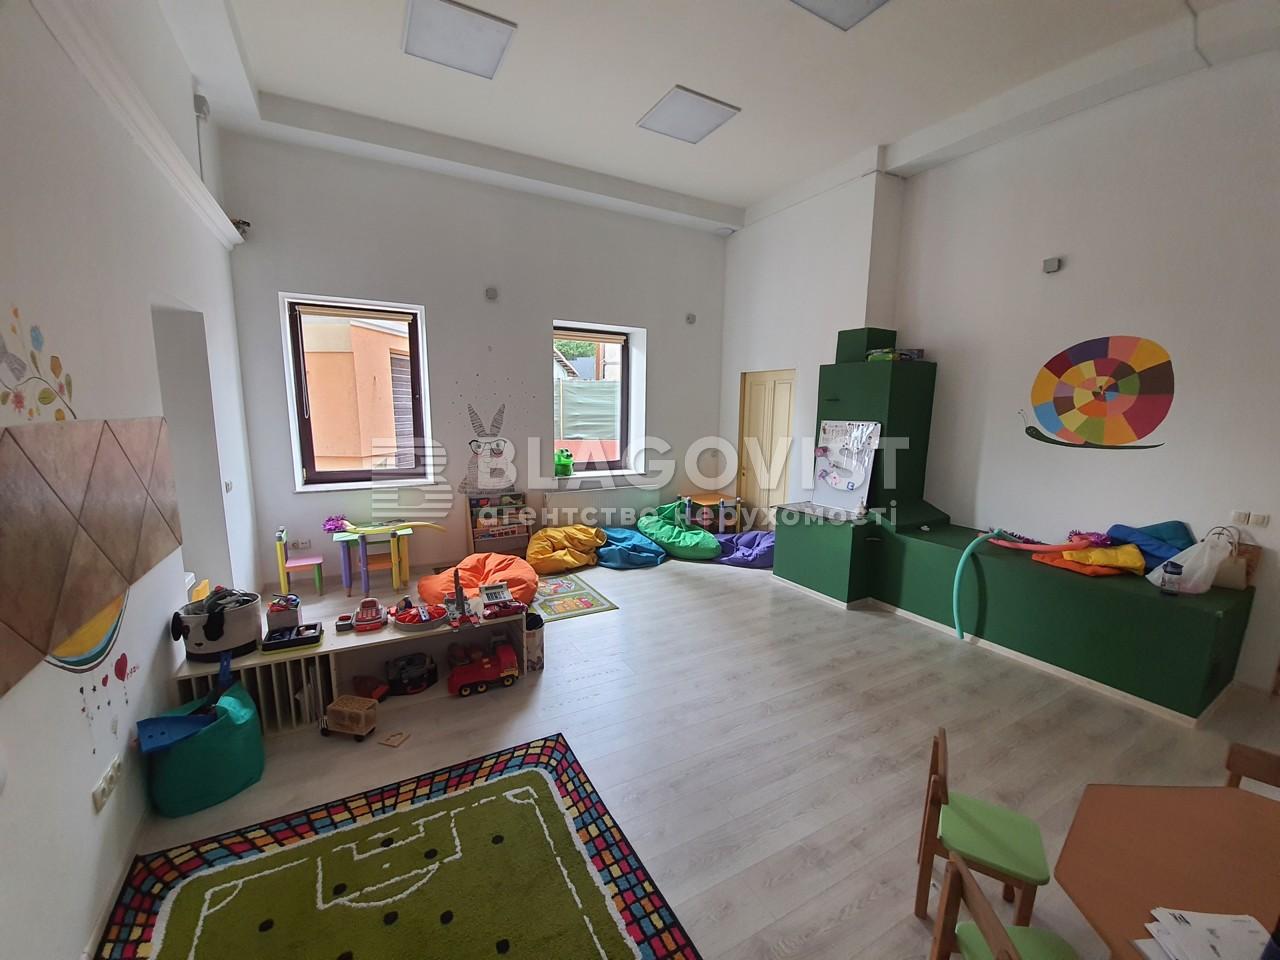 Будинок R-40483, Монтажників, Київ - Фото 4